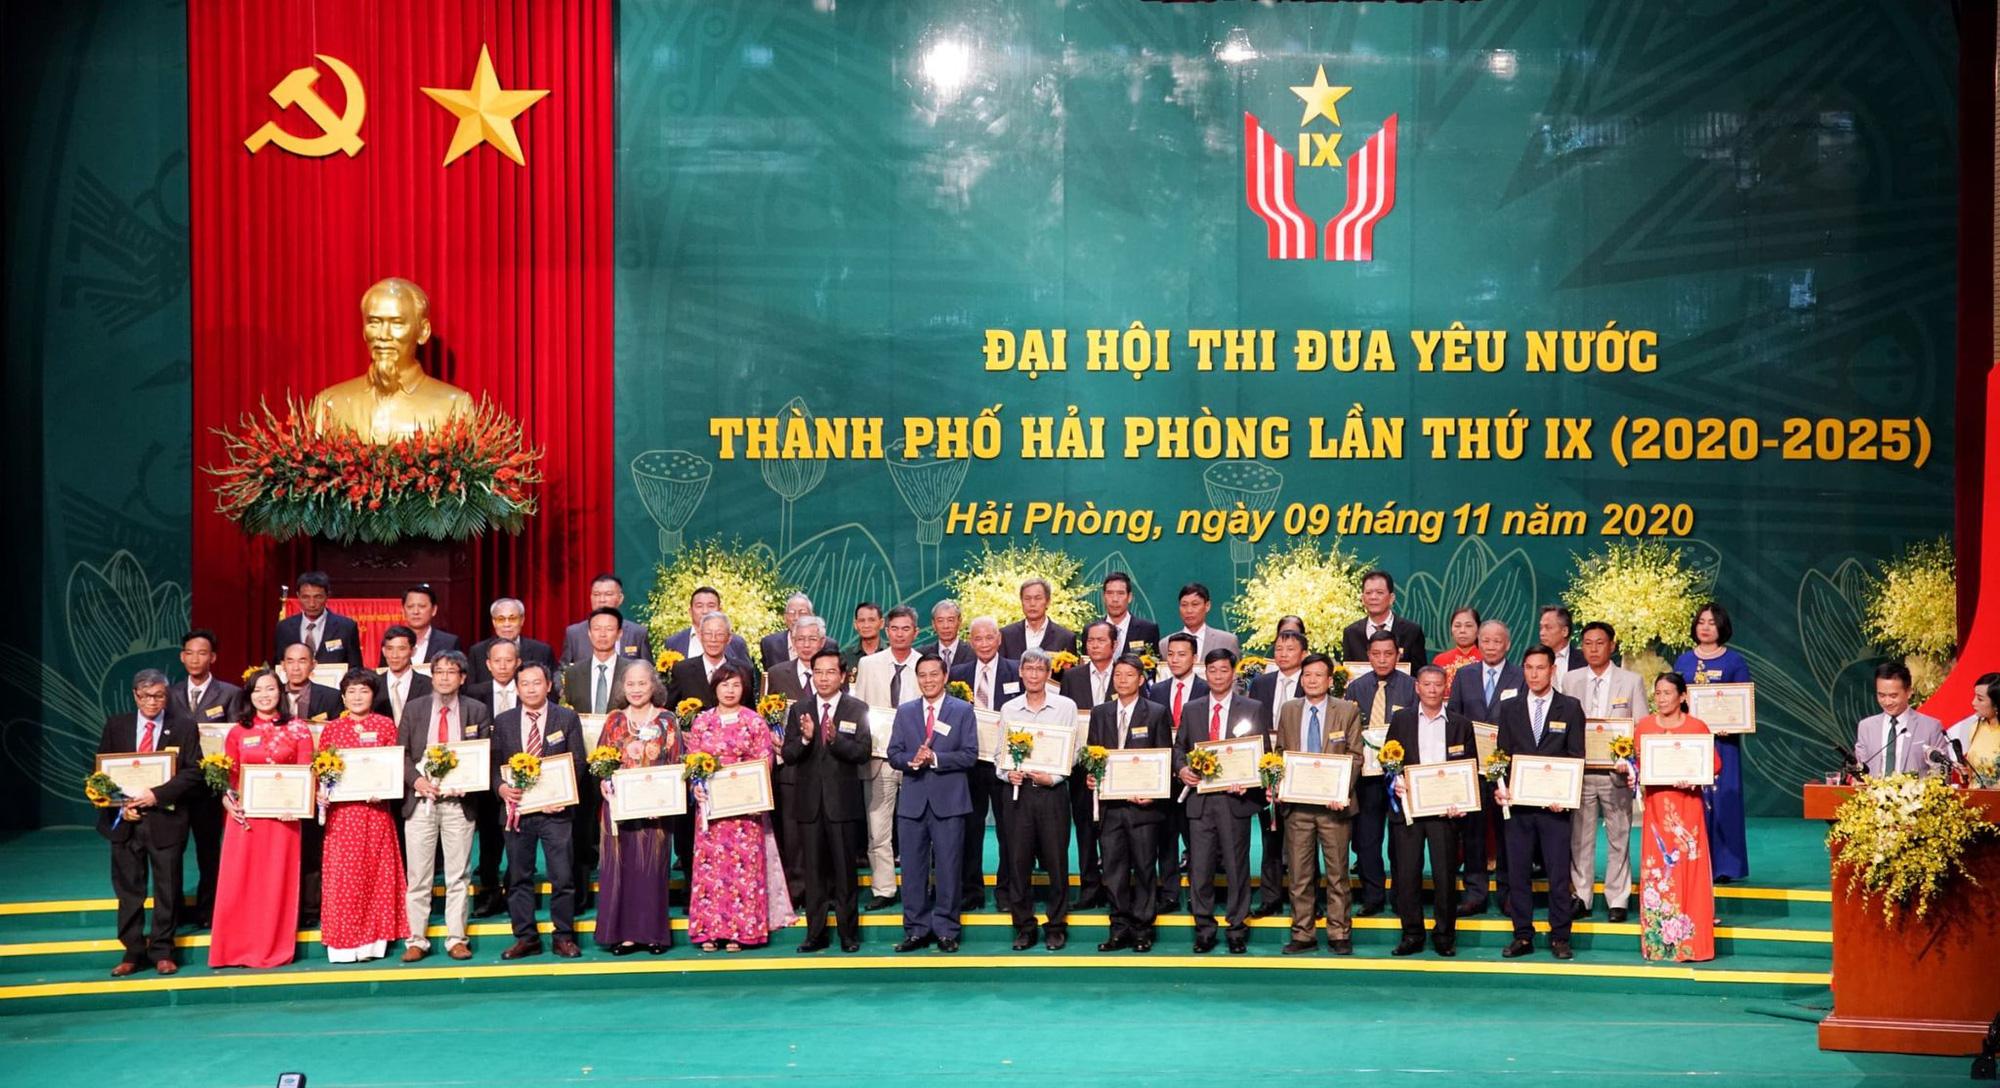 Hải Phòng: Tôn vinh 500 tập thể, cá nhân tại Đại hội Thi đua yêu nước - Ảnh 2.